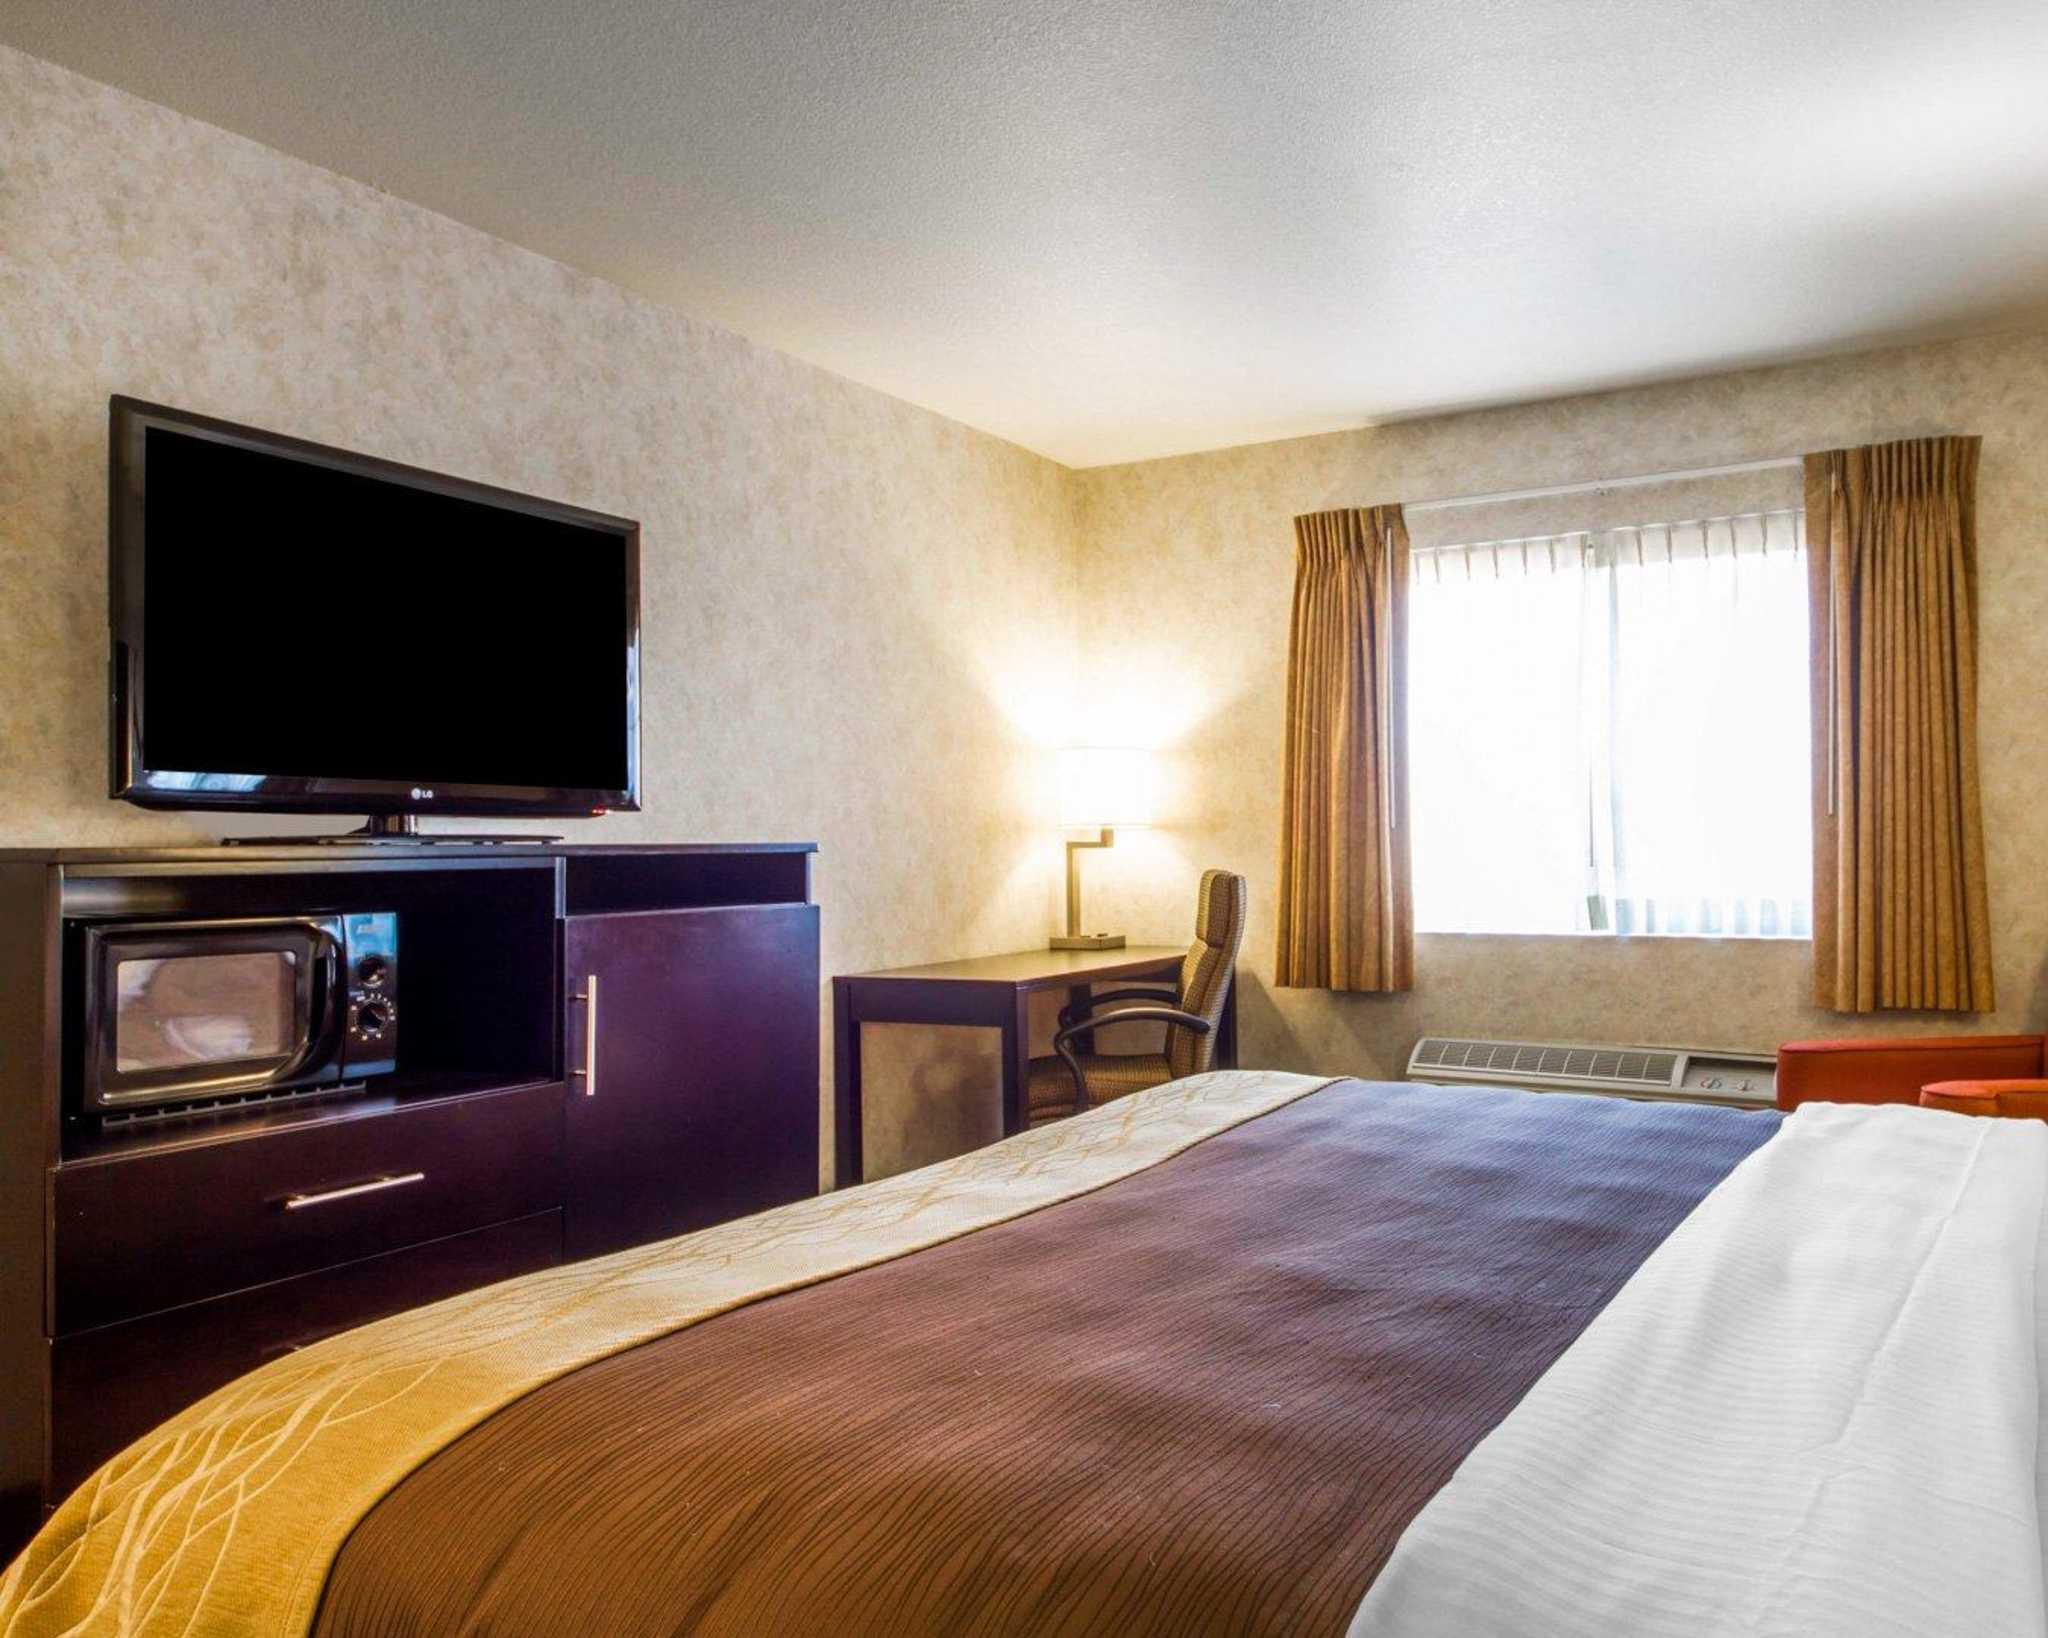 Comfort Inn image 12